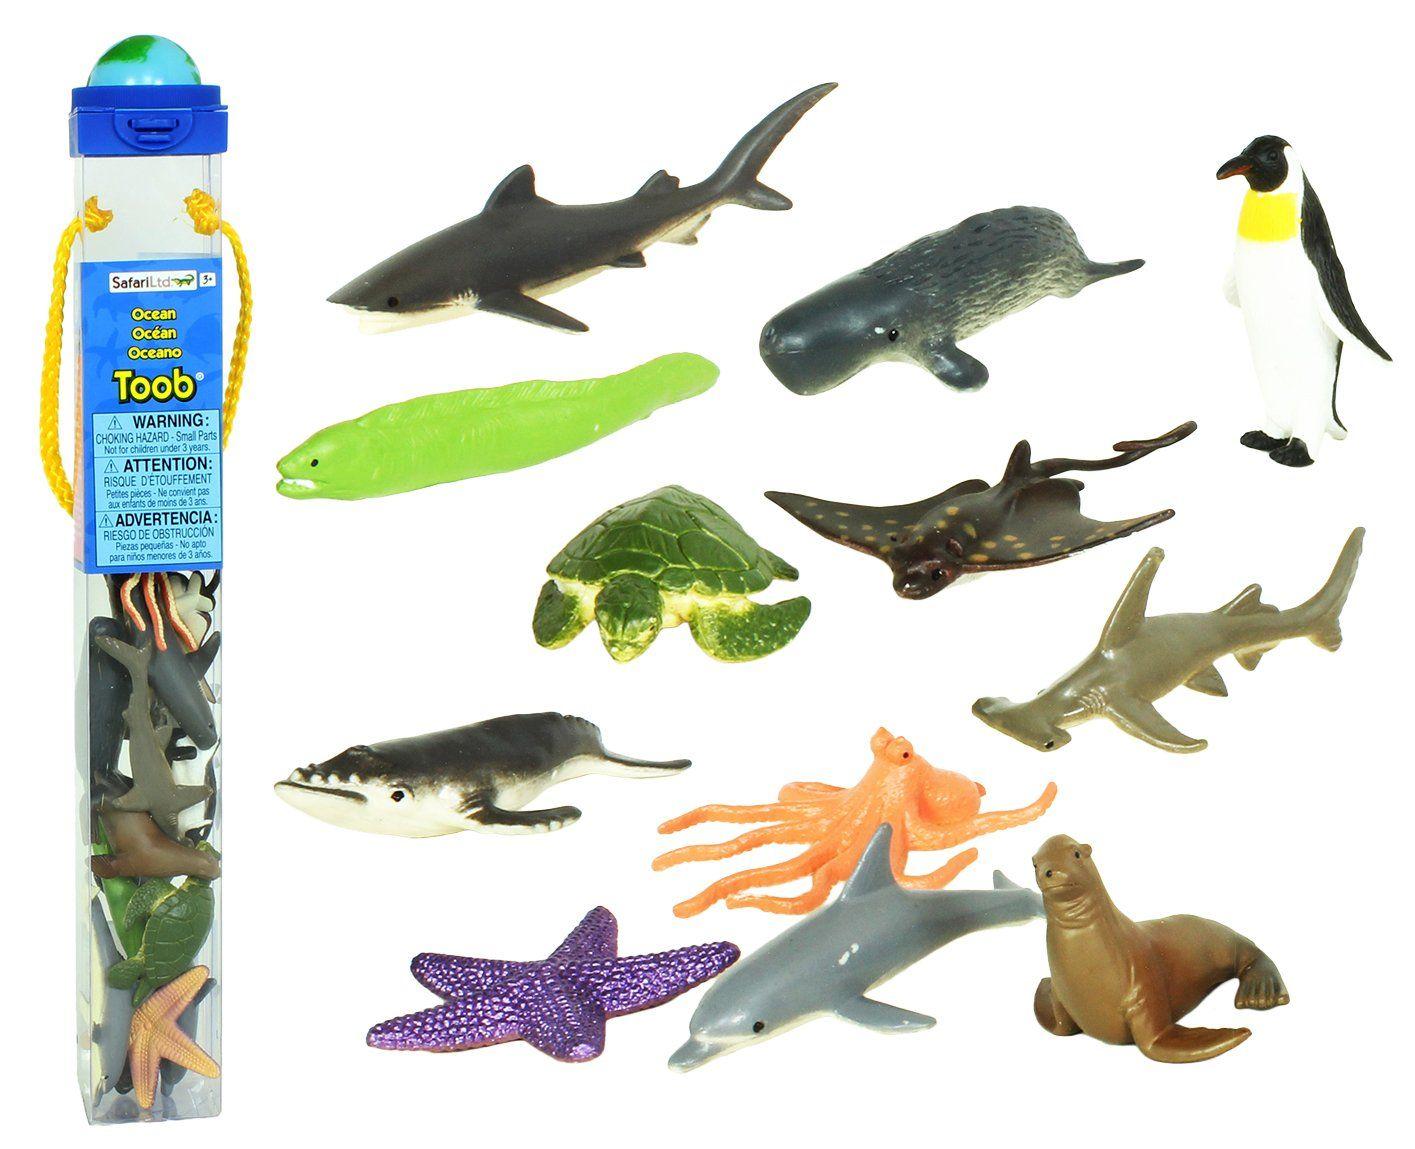 Safari Ltd Ocean TOOB | Toddler / Pre-School | Toys, Cool ...